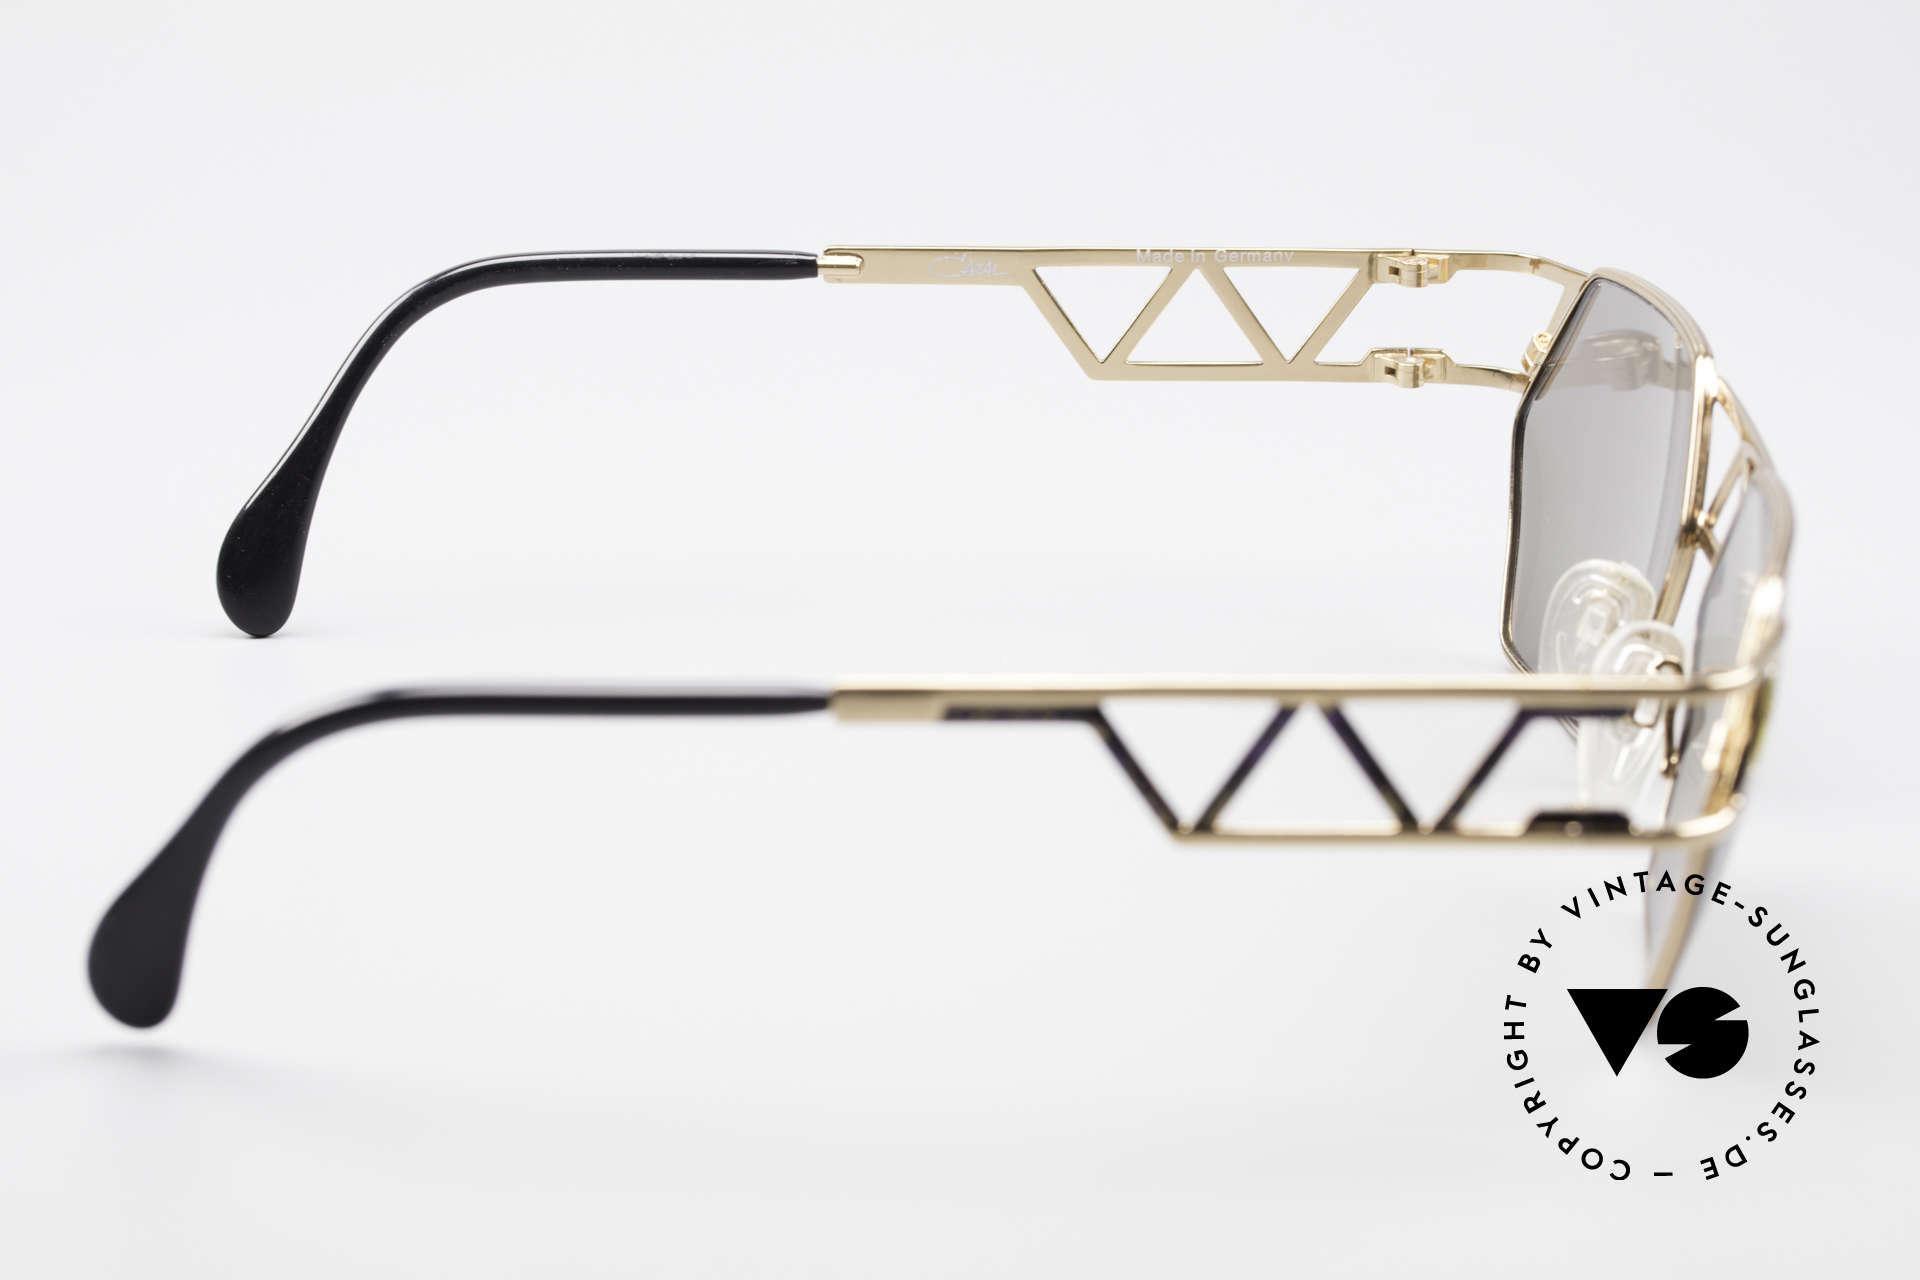 Cazal 960 Vintage Designer Sonnenbrille, Keine Retrobrille, sondern ein 25 Jahre altes Original, Passend für Herren und Damen